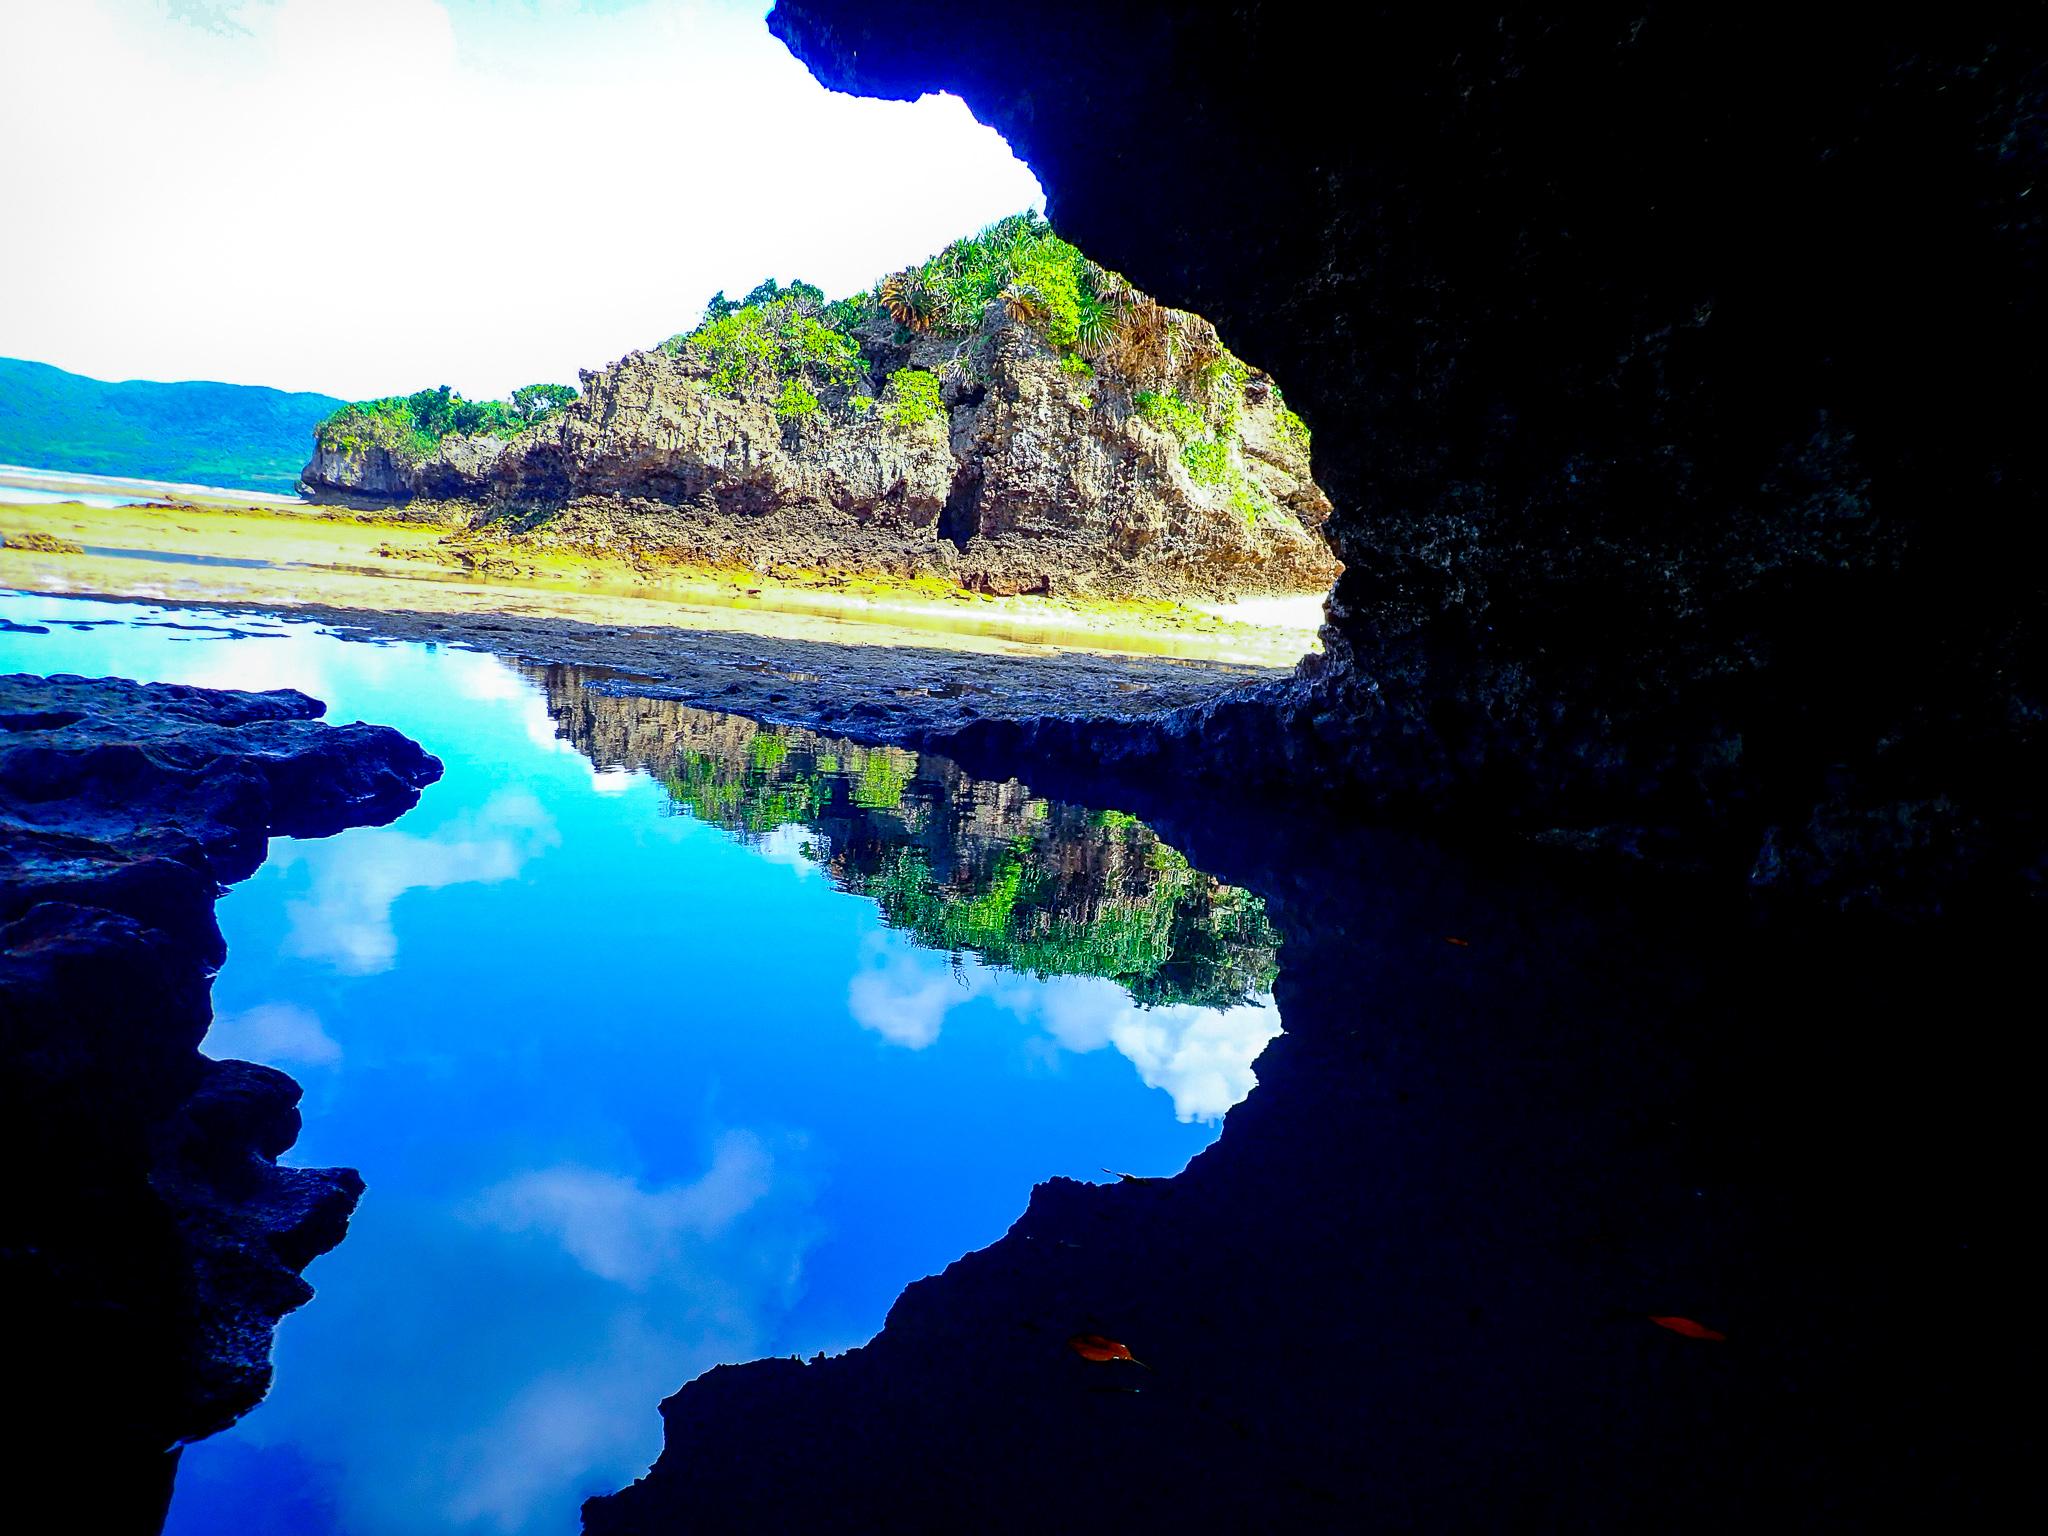 海面が美しい青の洞窟の神秘的なシーン